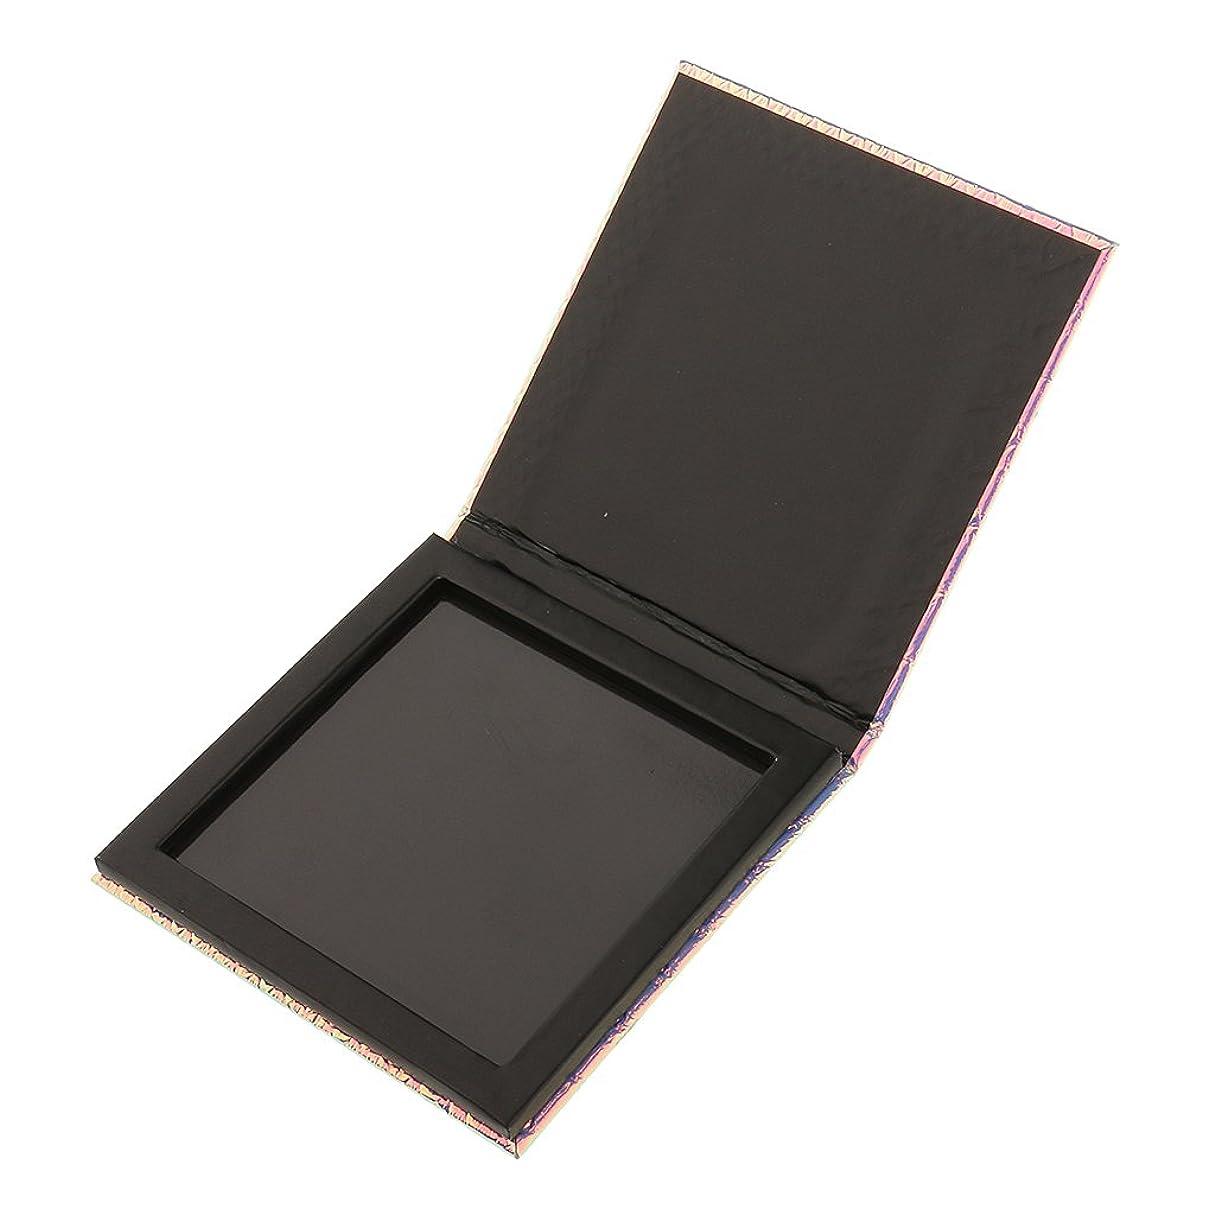 肘掛け椅子クレタフロントKesoto 磁気パレットボックス 空の磁気パレット 化粧品ケース メイクアップ コスメ 収納 ボックス 旅行 出張 化粧品DIY 全2サイズ選べ - 10x10cm